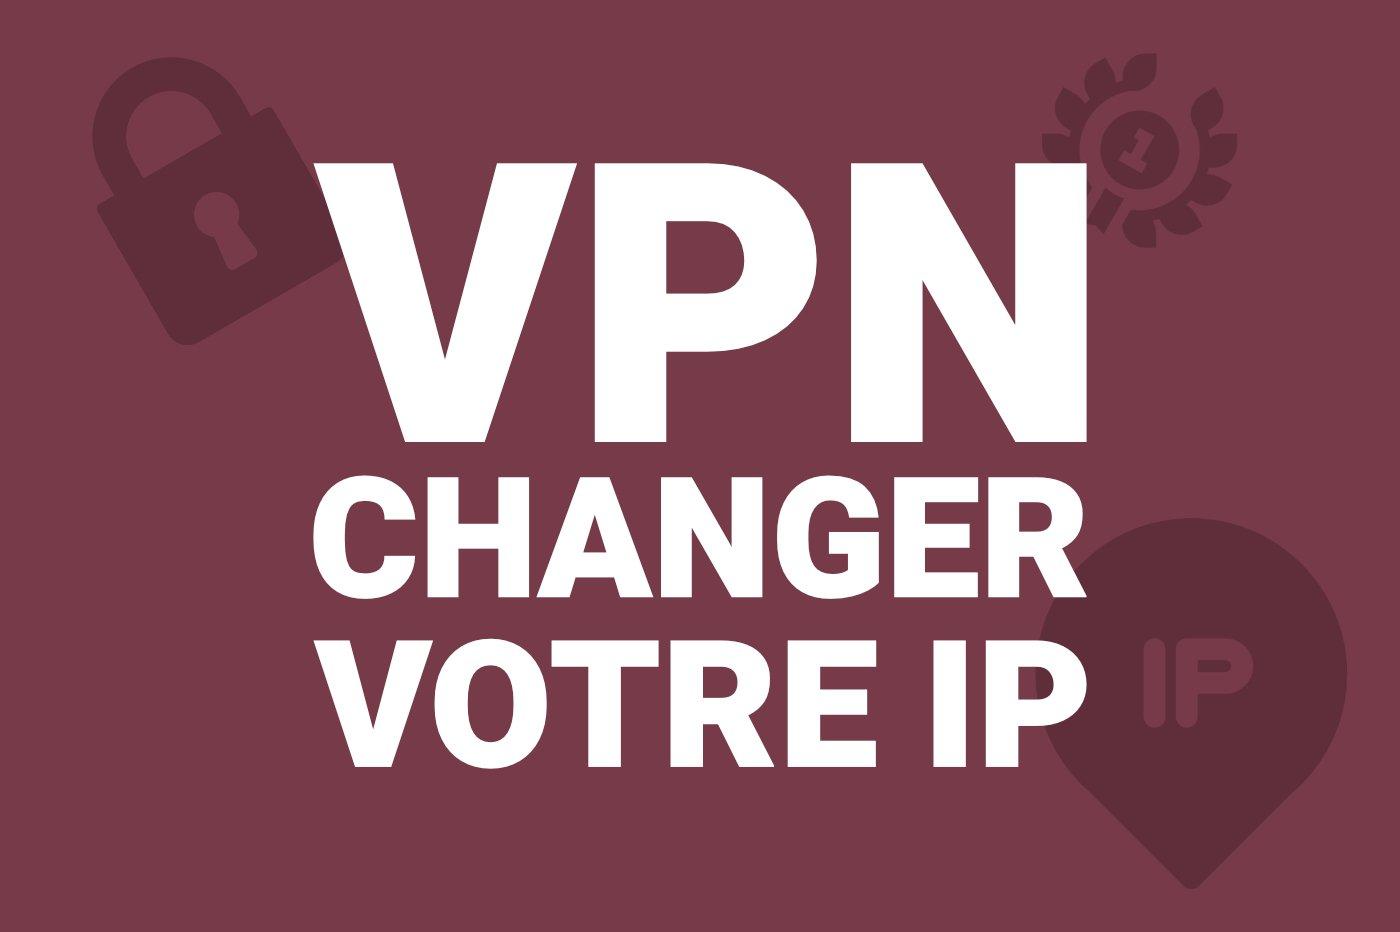 VPN changer IP